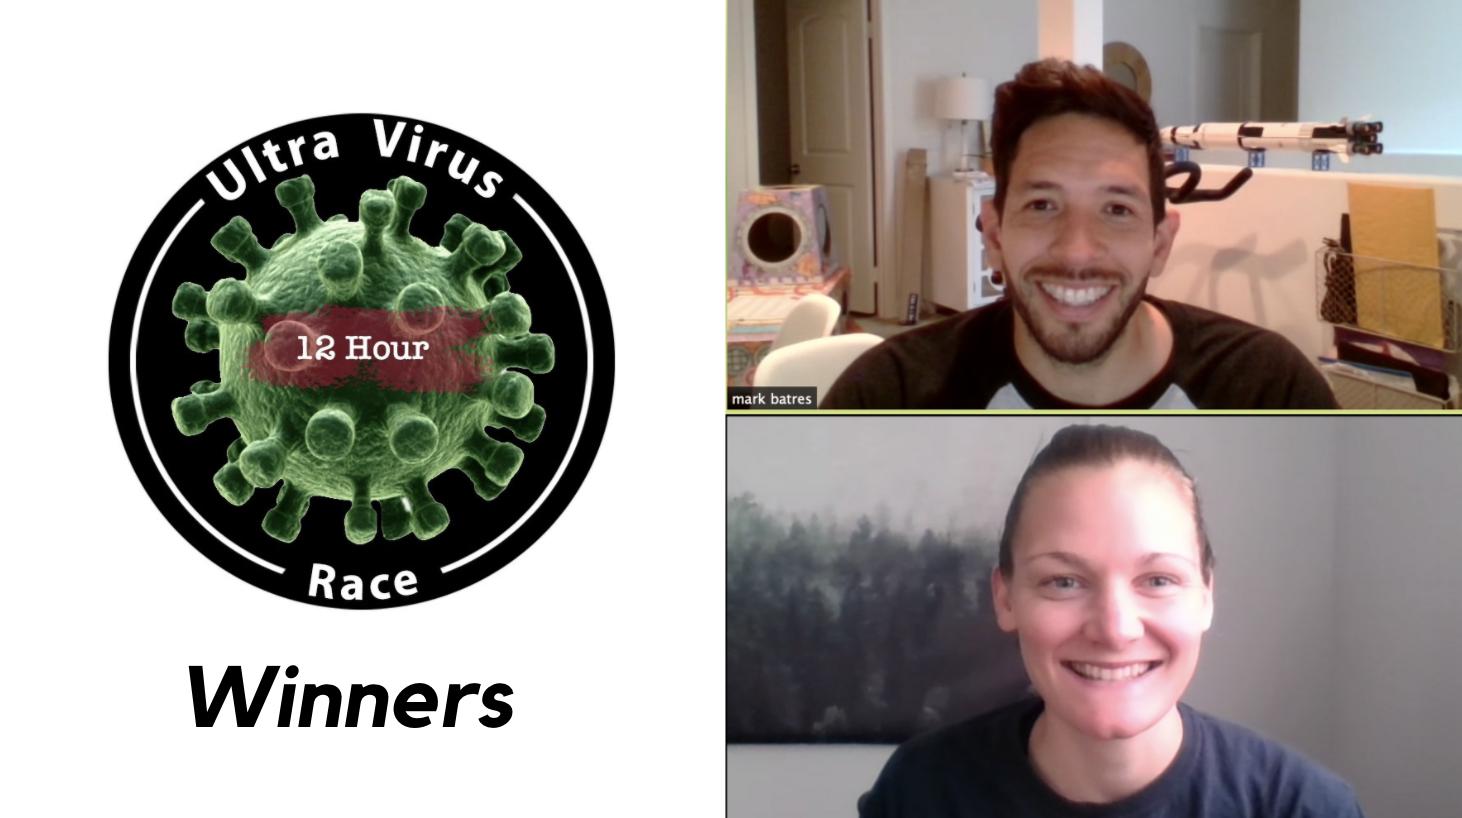 UltraVirus 12 Hour Race Winners